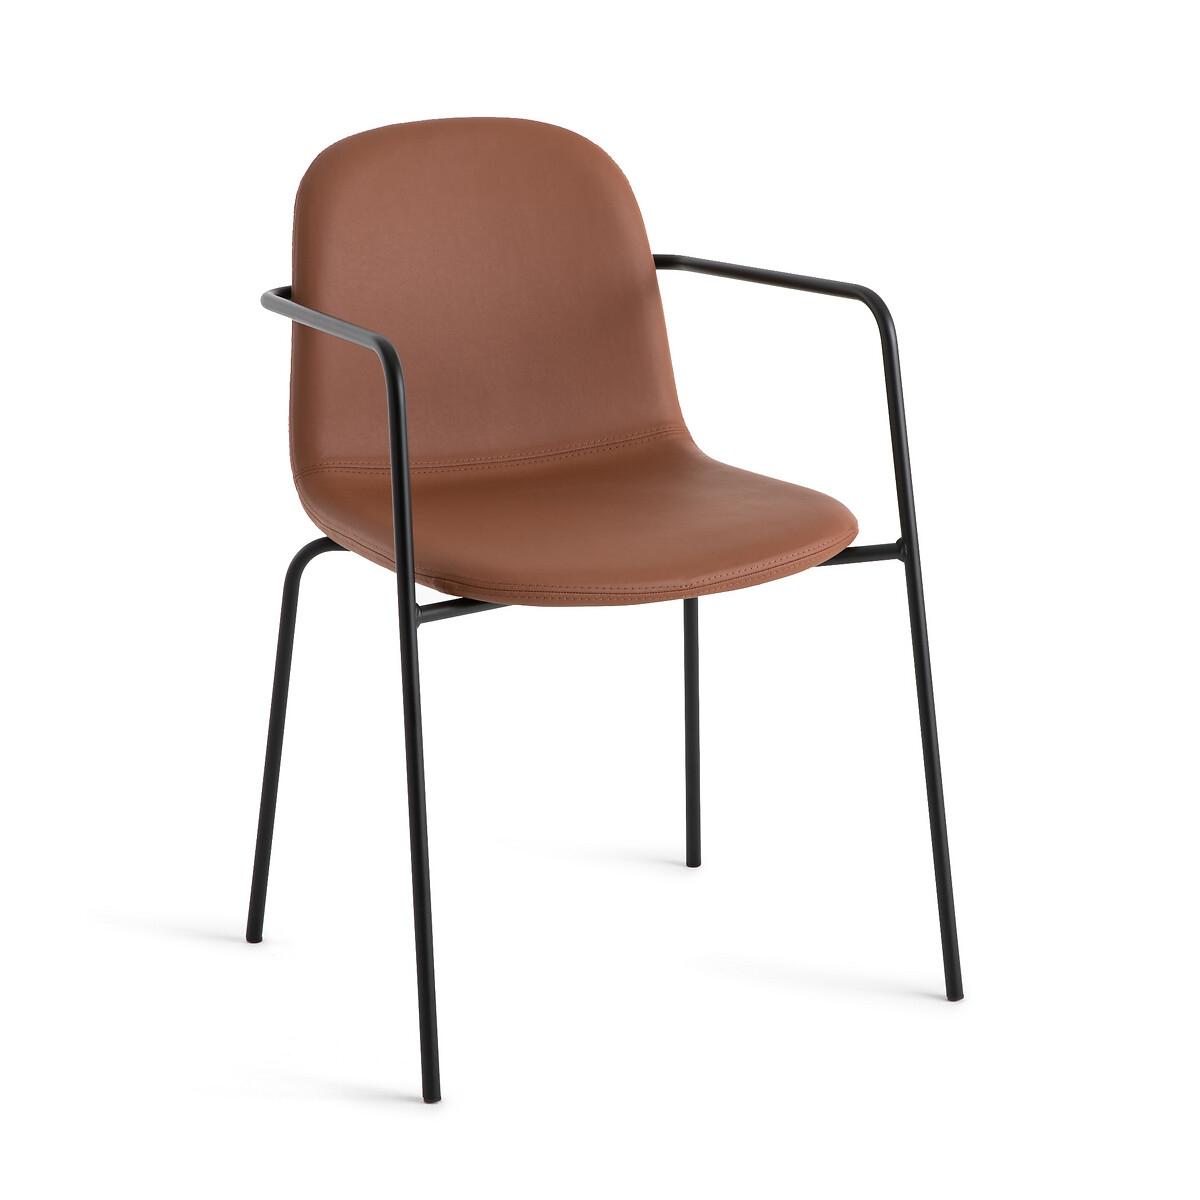 Кресло LaRedoute Из искусственной кожи Tibby единый размер каштановый